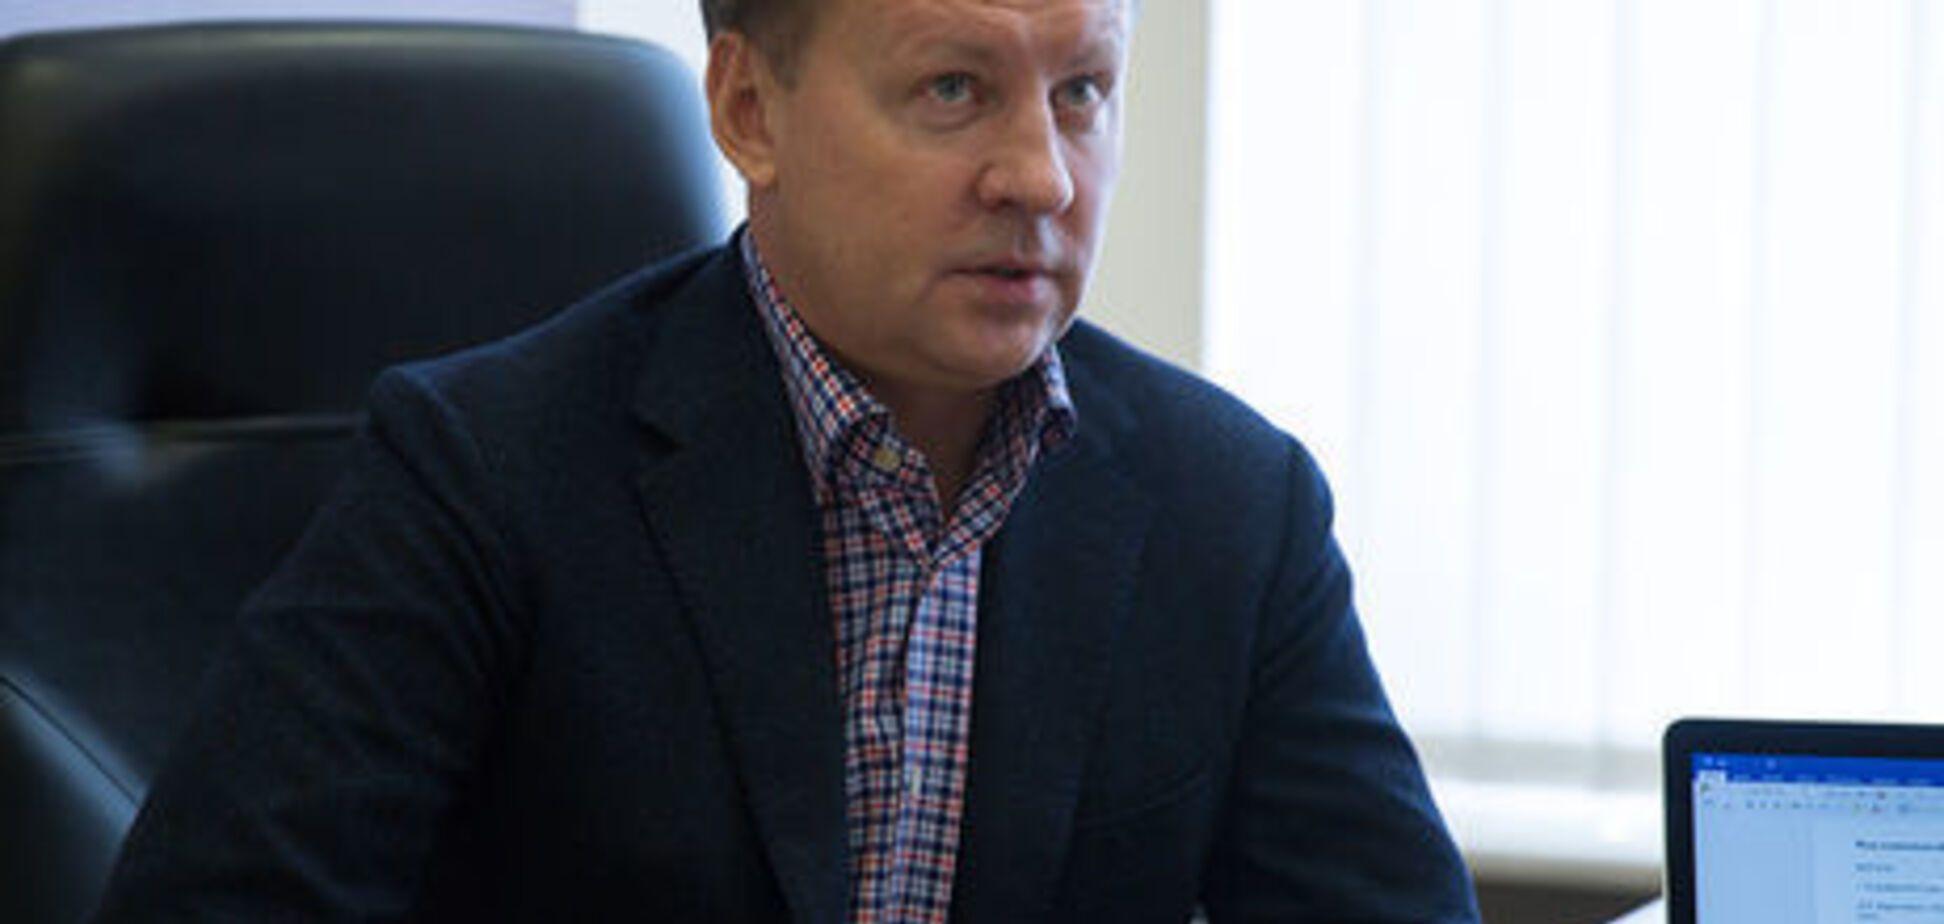 Інтерпол відмовився оголошувати в розшук замовника вбивства Вороненкова - ЗМІ